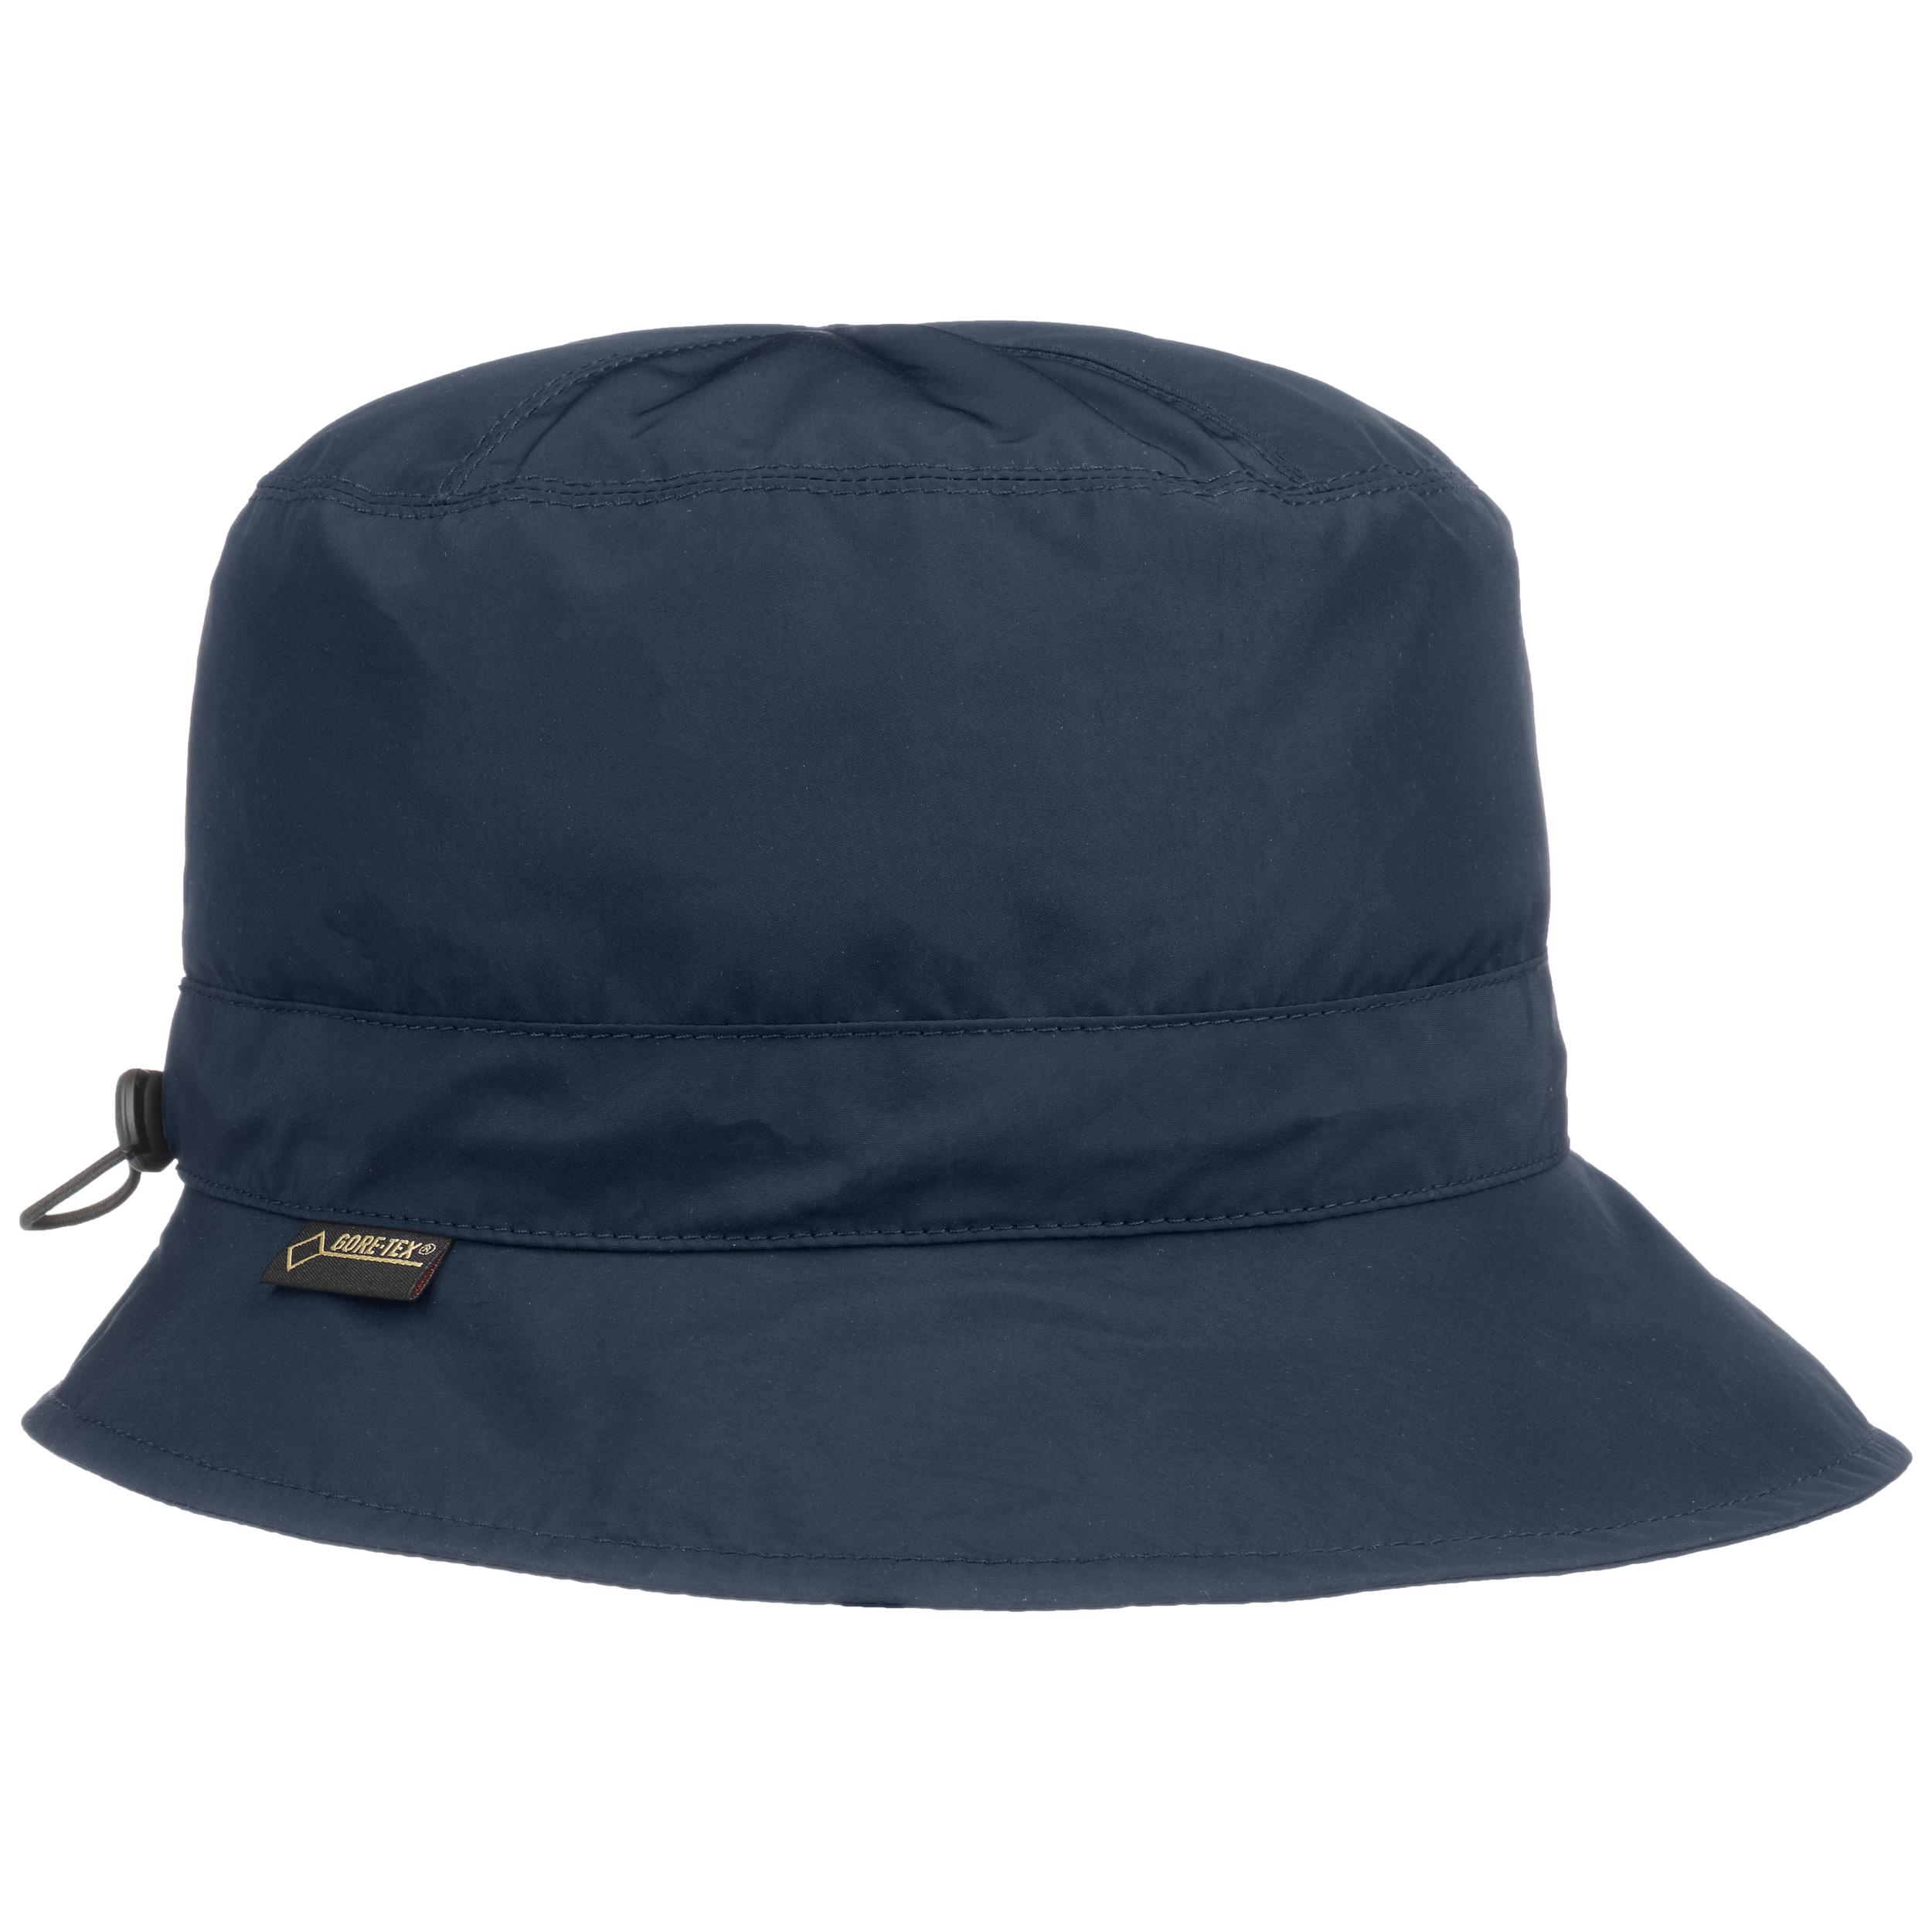 Seeberger Gore-Tex Regenhut mit Futter Fischerhut UV-Schutz Hut Outdoorhut Fleecefutter Stoffhut